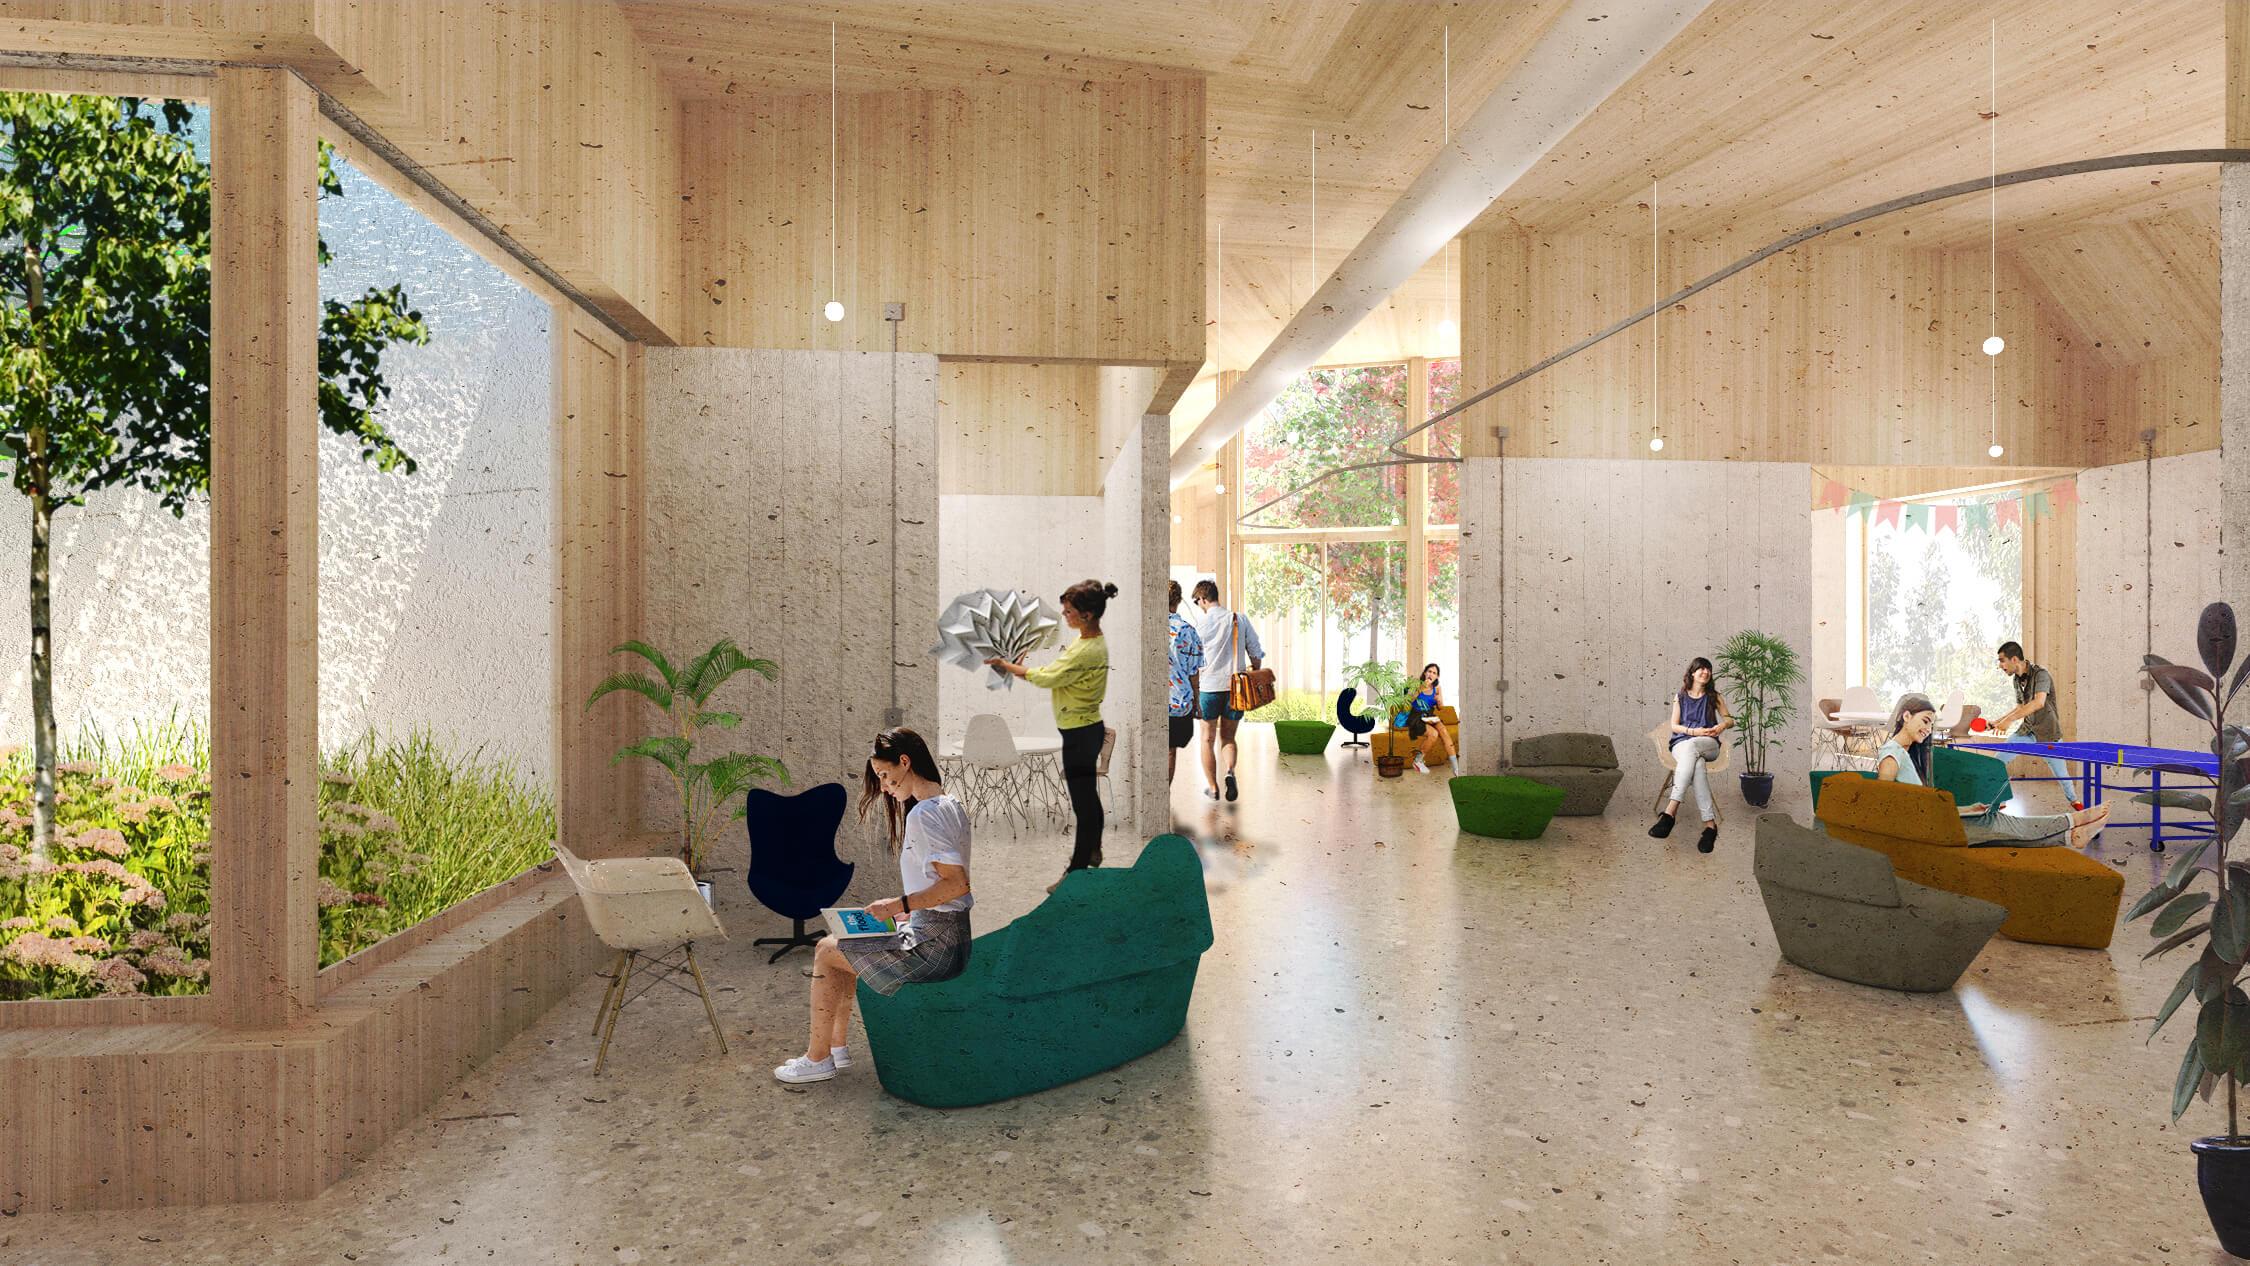 Centro social interior 1